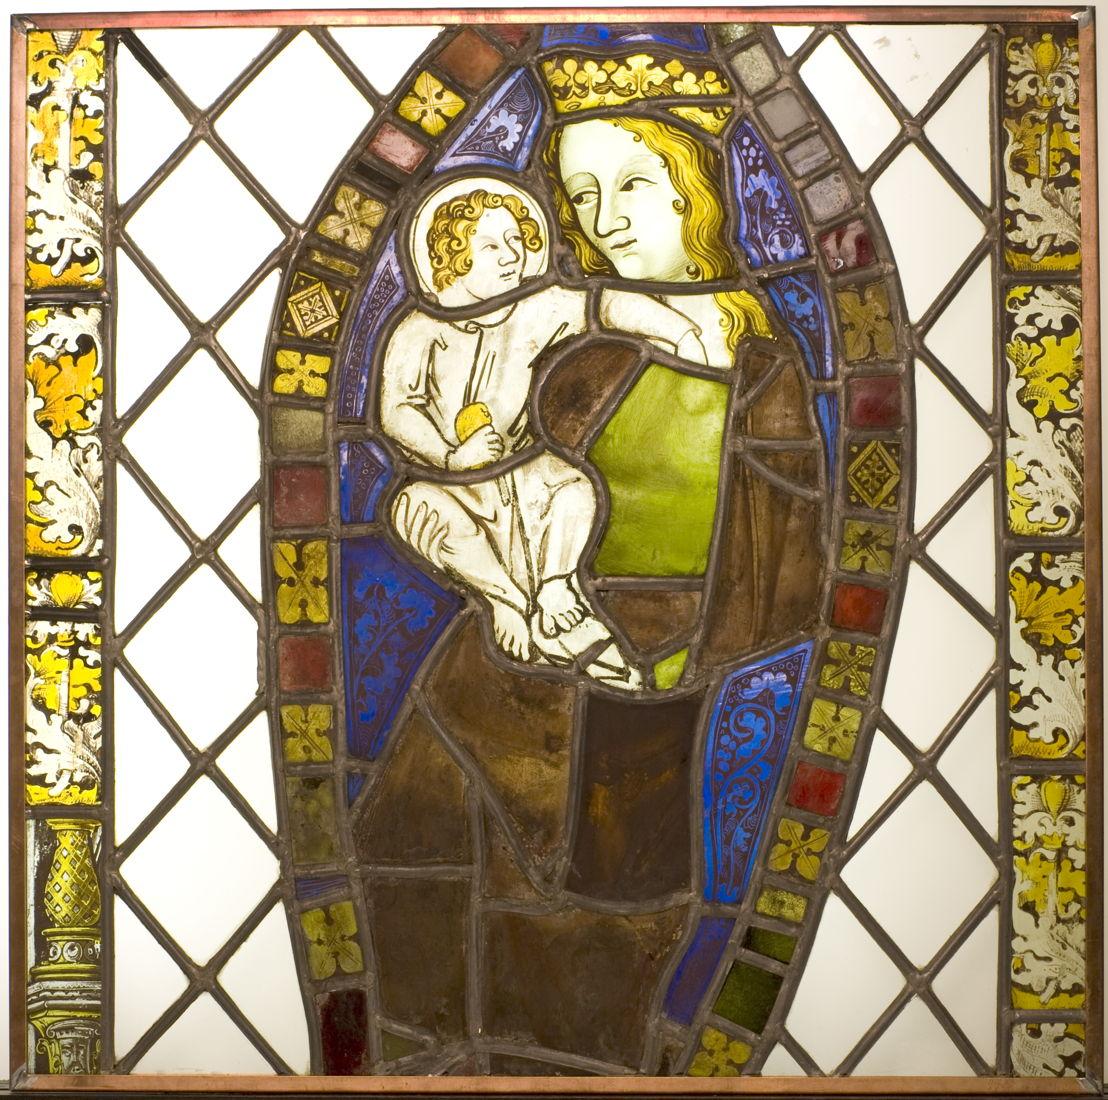 Onbekend, Maria met kind, Leuven, tweede helft 14de eeuw, gebrandschilderd glas-in-lood, 118 x 70 cm, M - Museum Leuven, inv. B/III/1<br/>© M - Museum Leuven, foto Paul Laes [1/2]